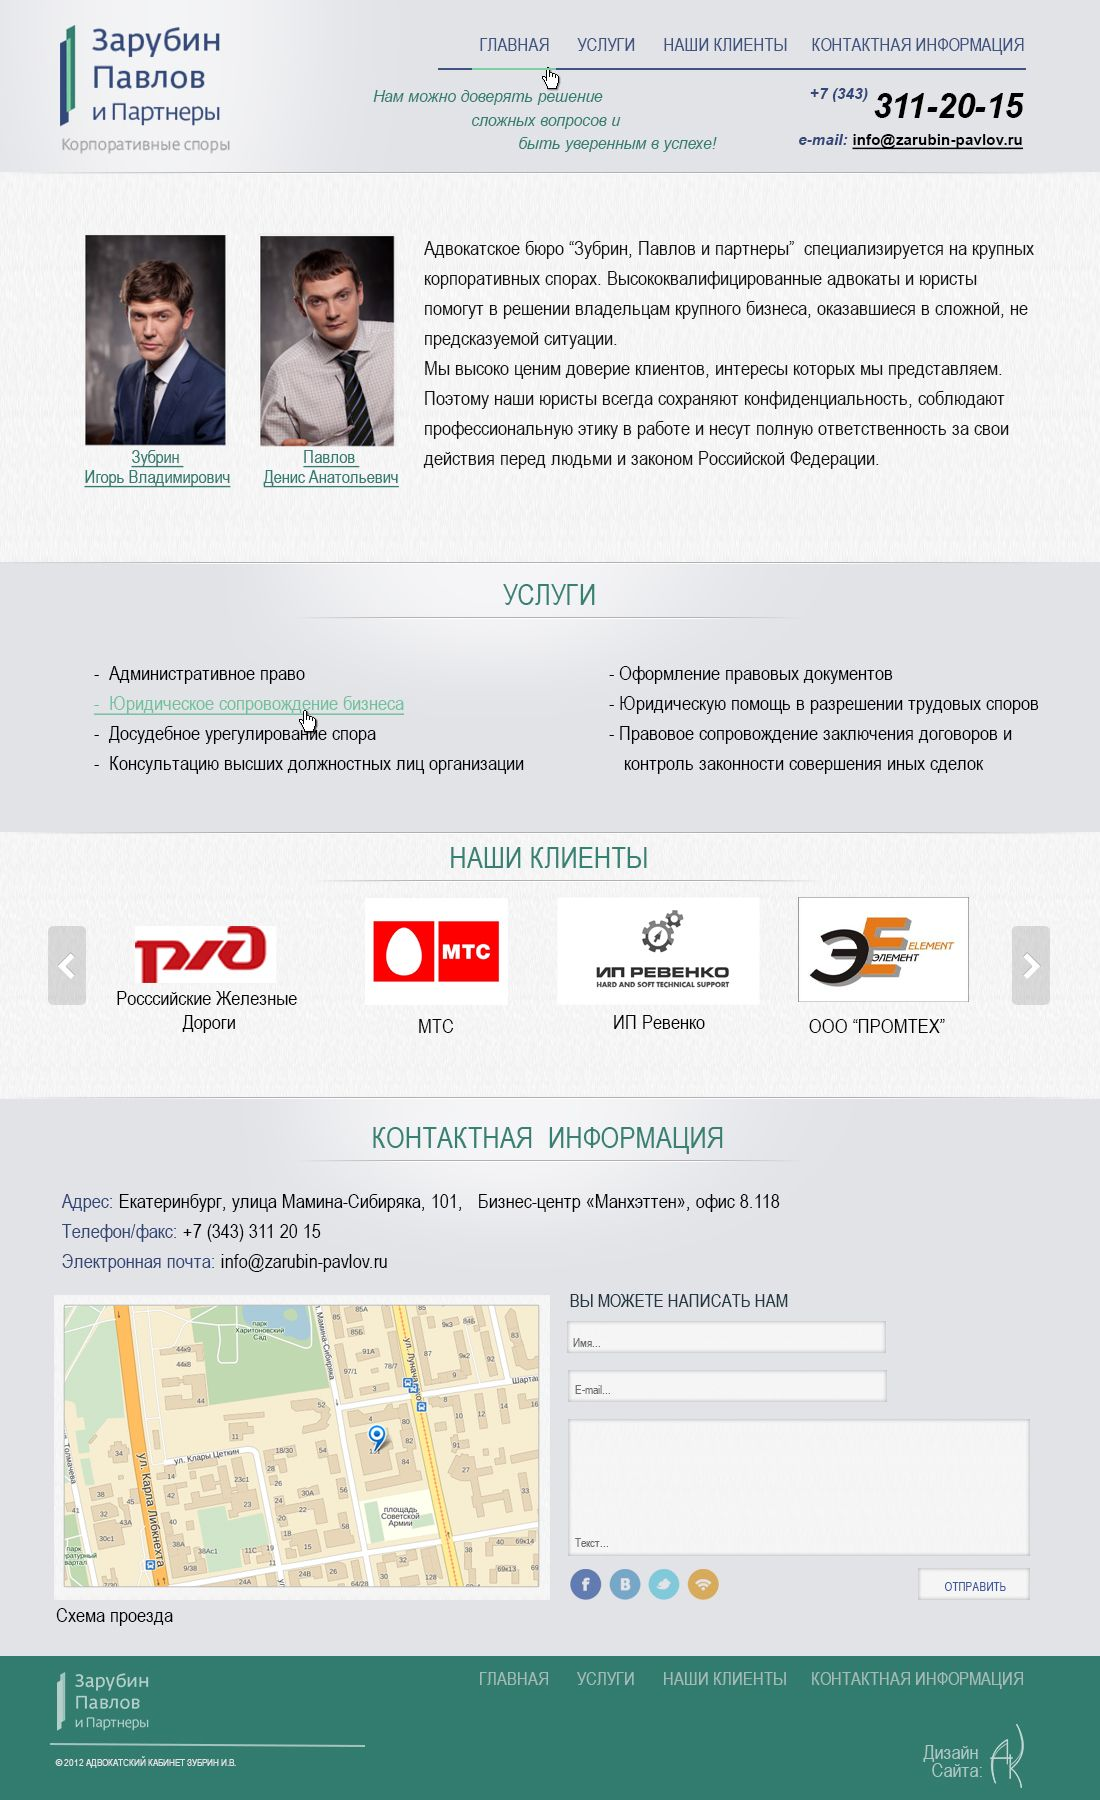 Креативный дизайн Главной страницы Банка - дизайнер I_Nyutka